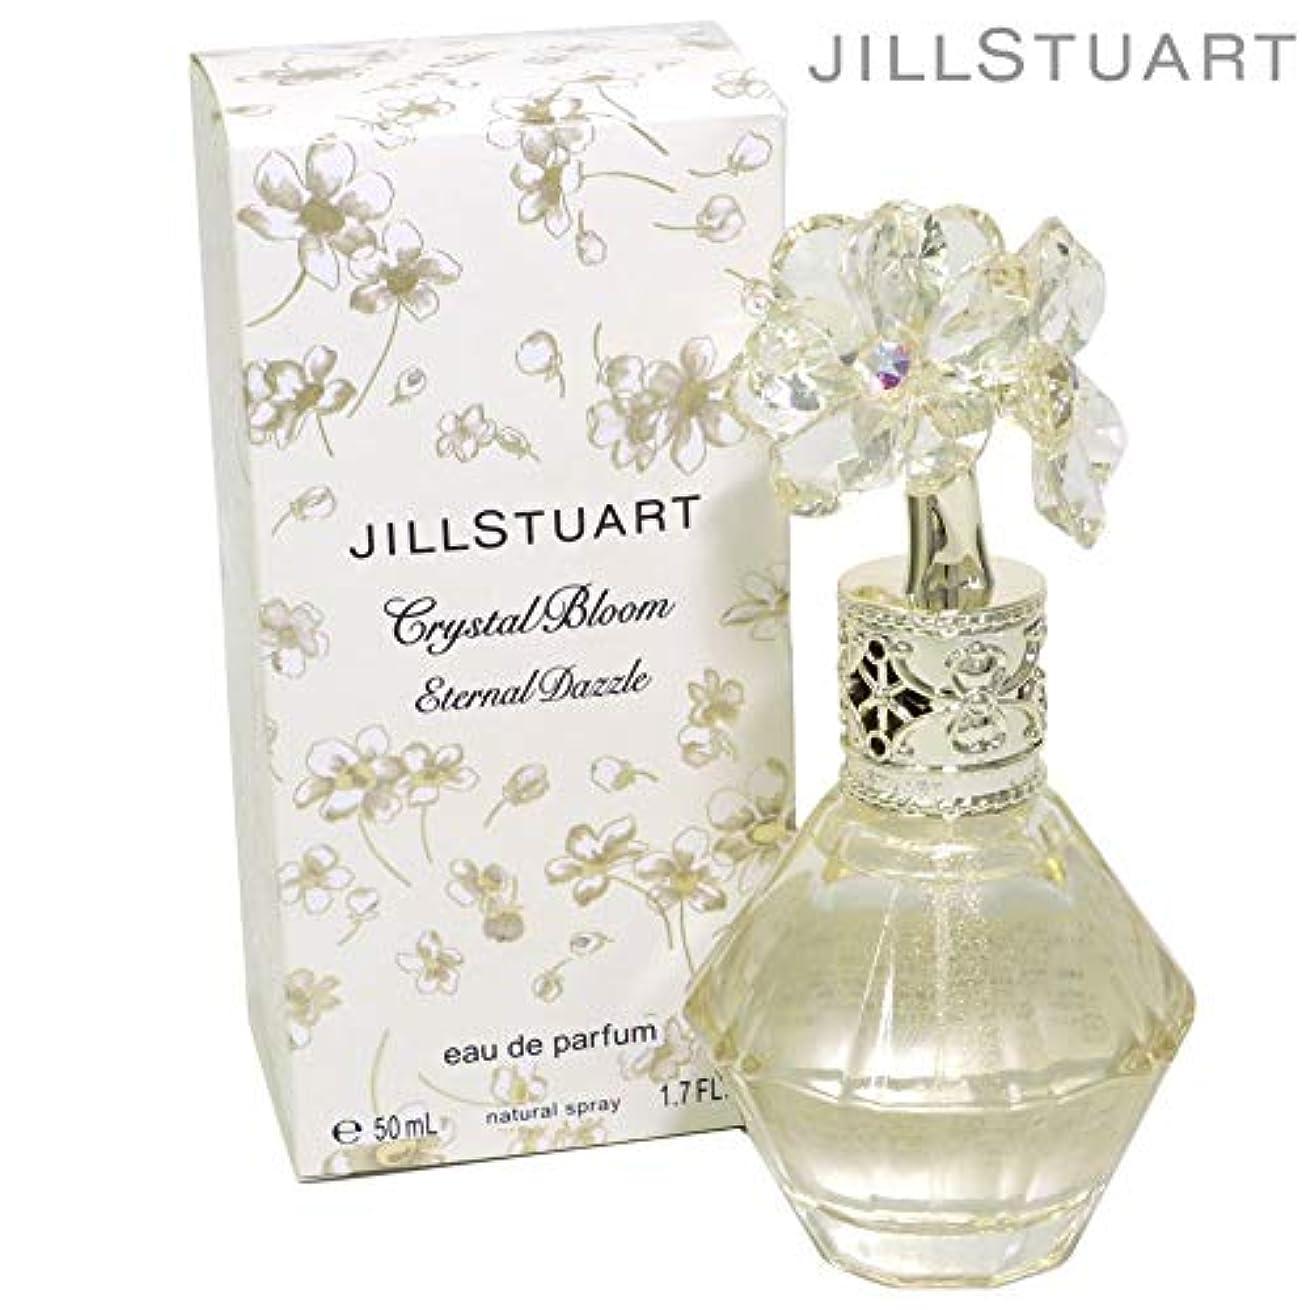 バーベキューヒップ重要なJILL STUART(ジルスチュアート) クリスタルブルーム エターナルダズル オードパルファン 50ml 『Crystal Bloom Eternal Dazzle eau de parfum』